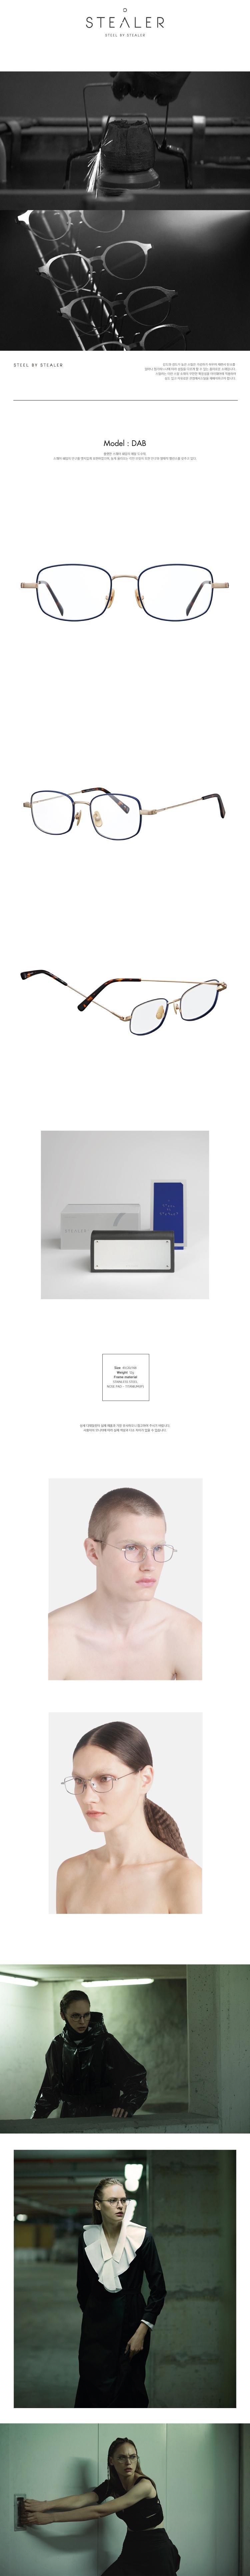 스틸러(STEALER) 댑 STL22 NAVY GOLD (ANTIQUE)